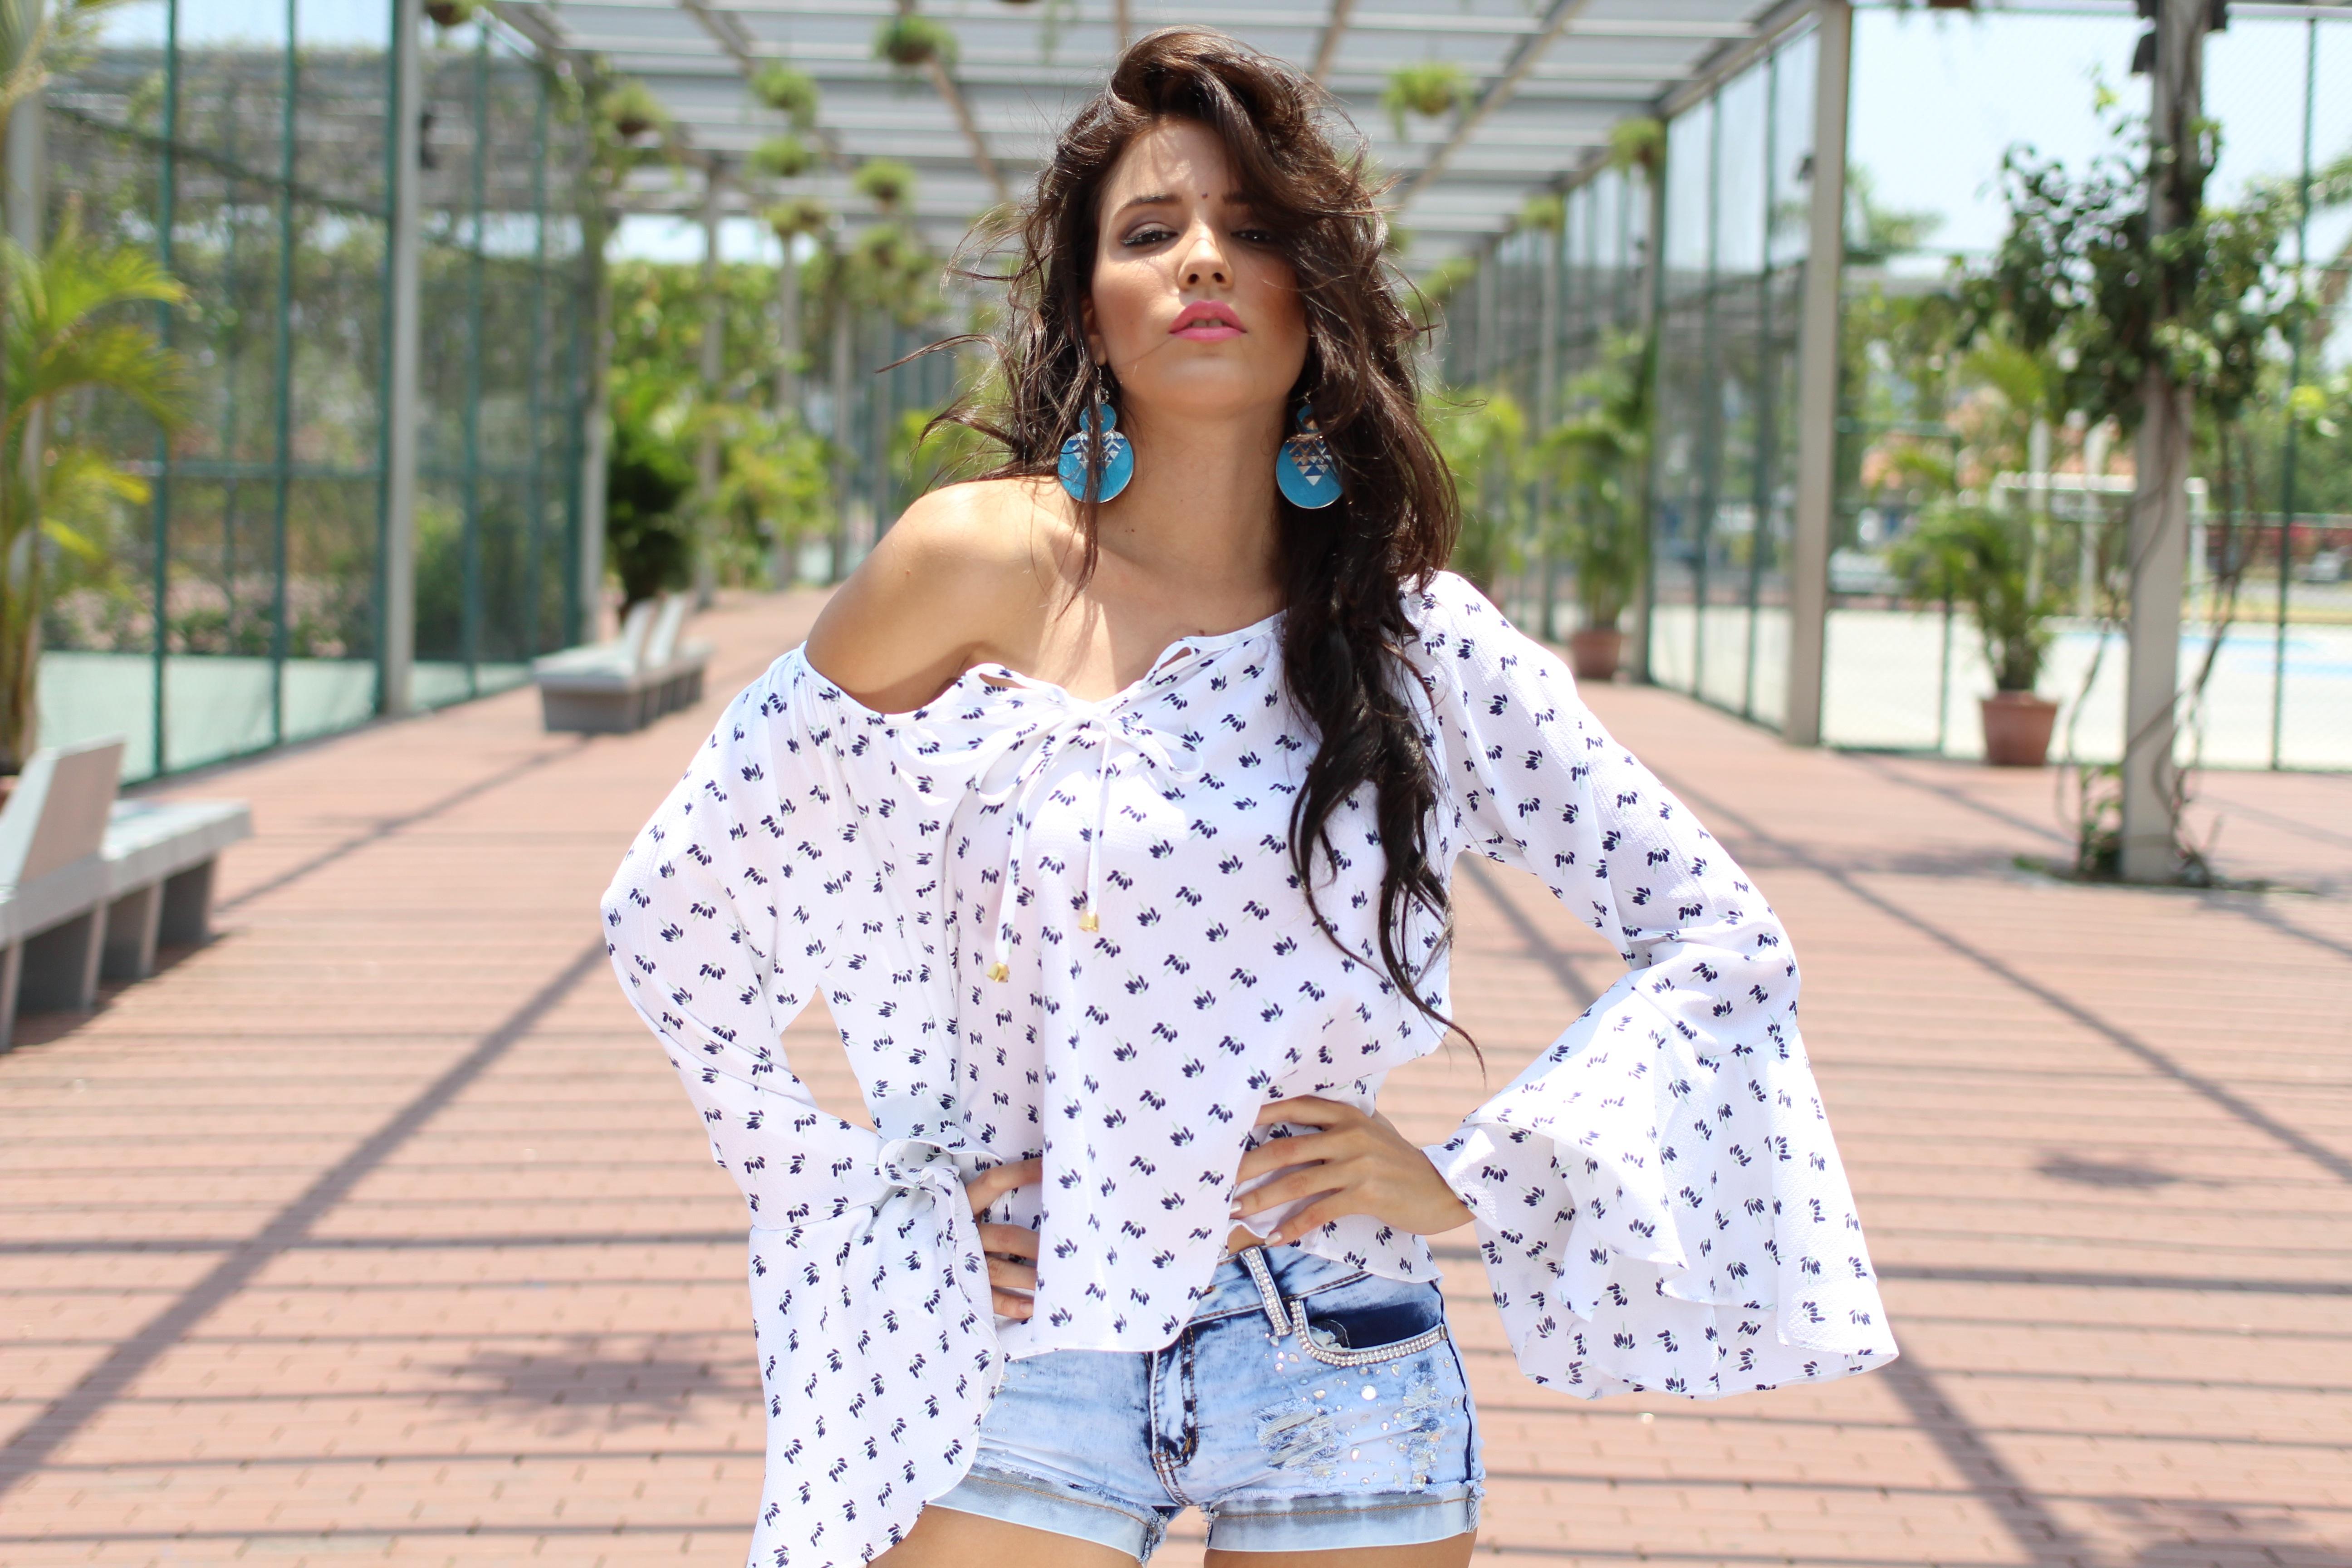 Moda Fotos Joven Primavera Patrón Mujer Modelo Gratis Niña qqRf0